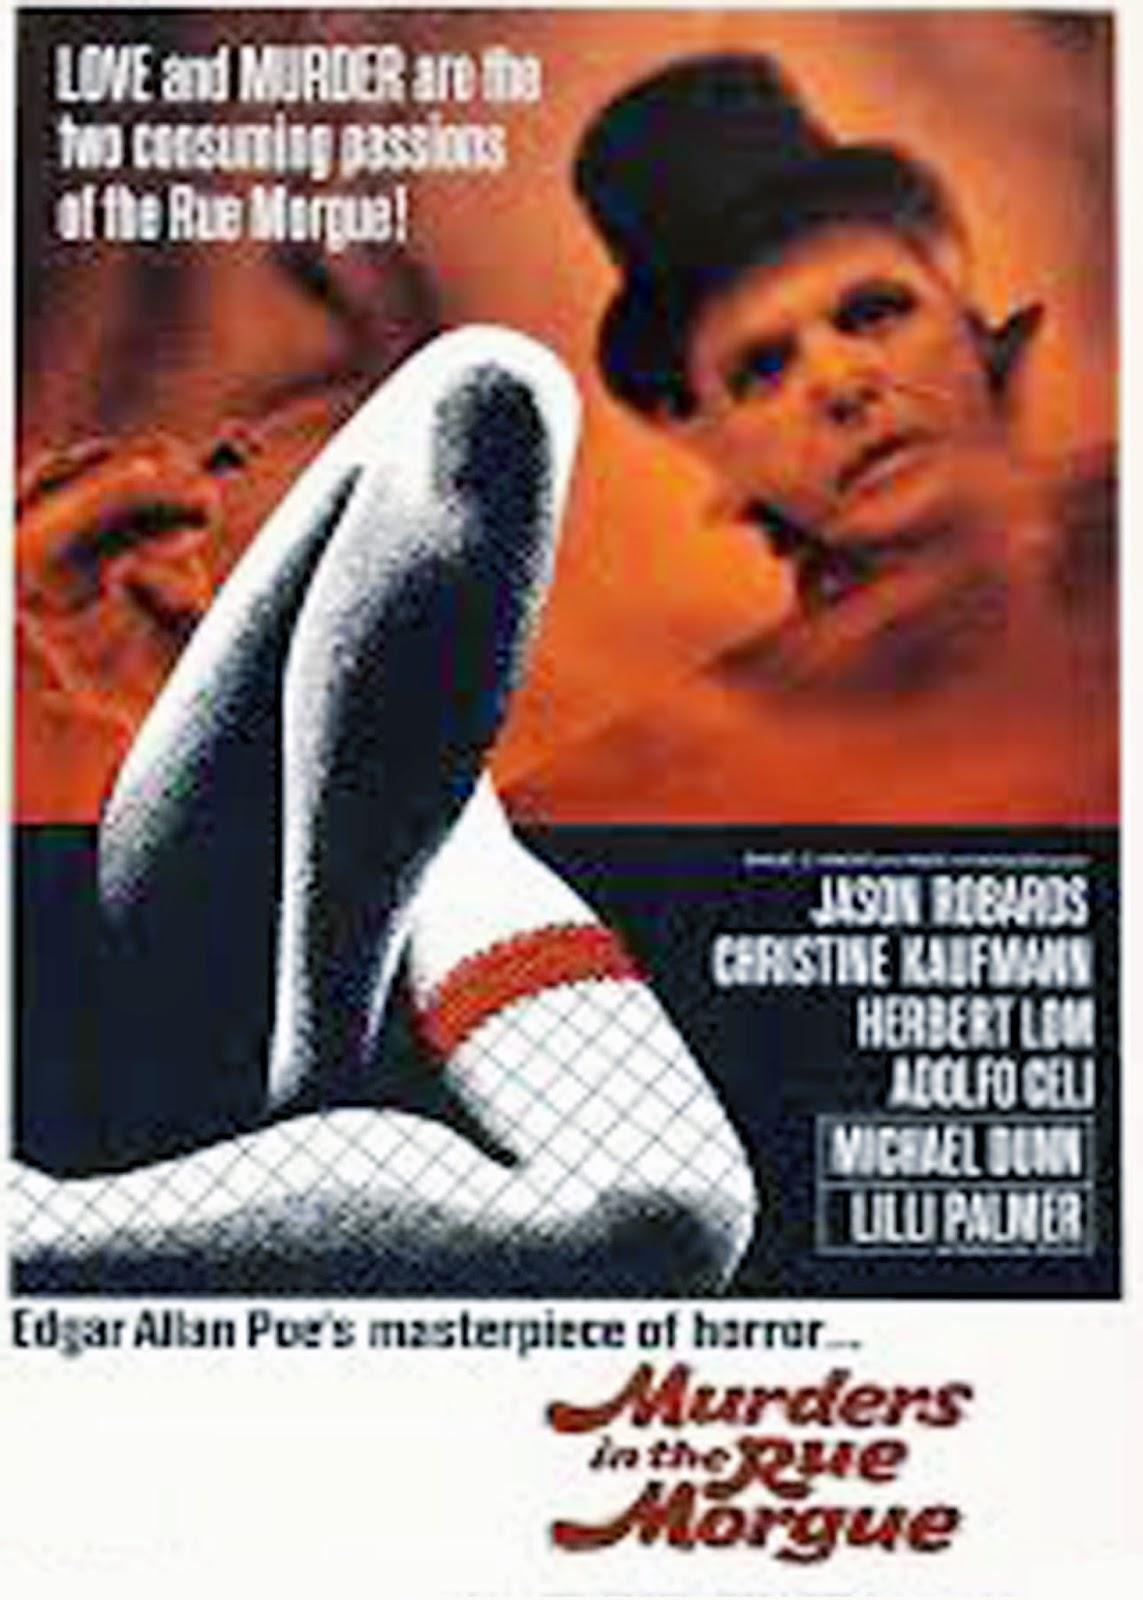 Asesinatos en La Calle Morgue (1971) Terror